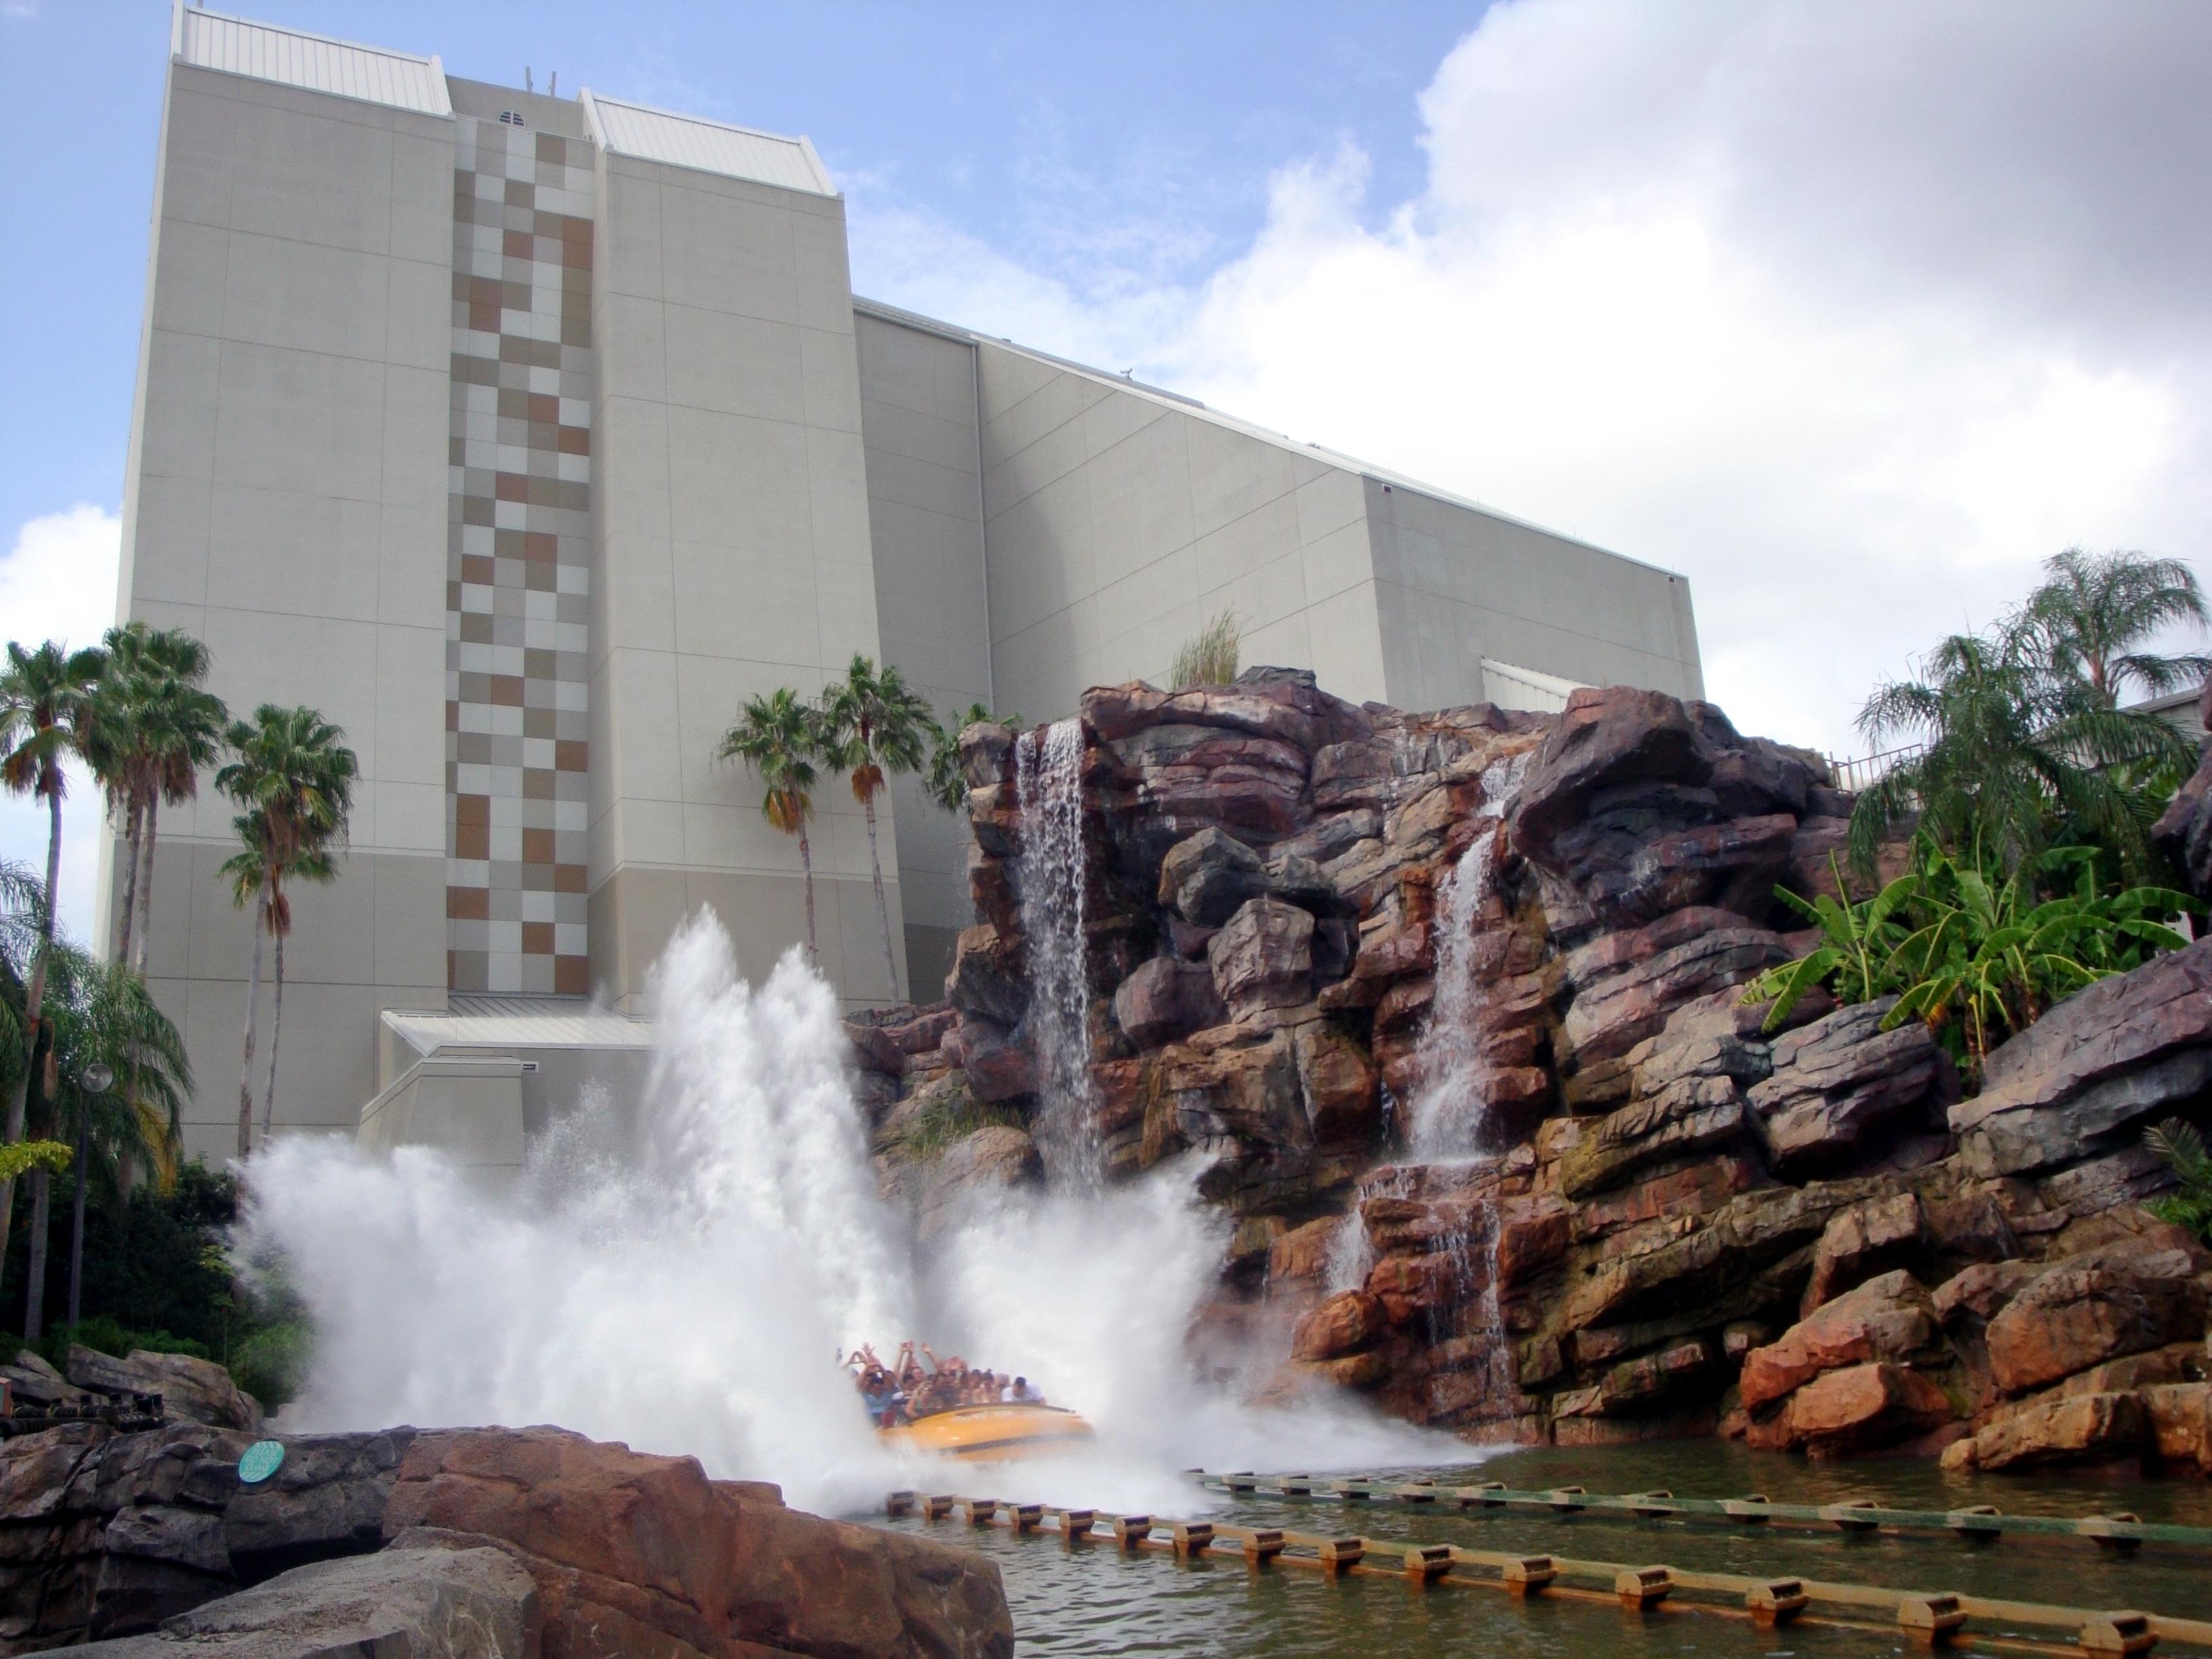 File:Jurassic park log flume ride.jpg - Wikimedia Commons